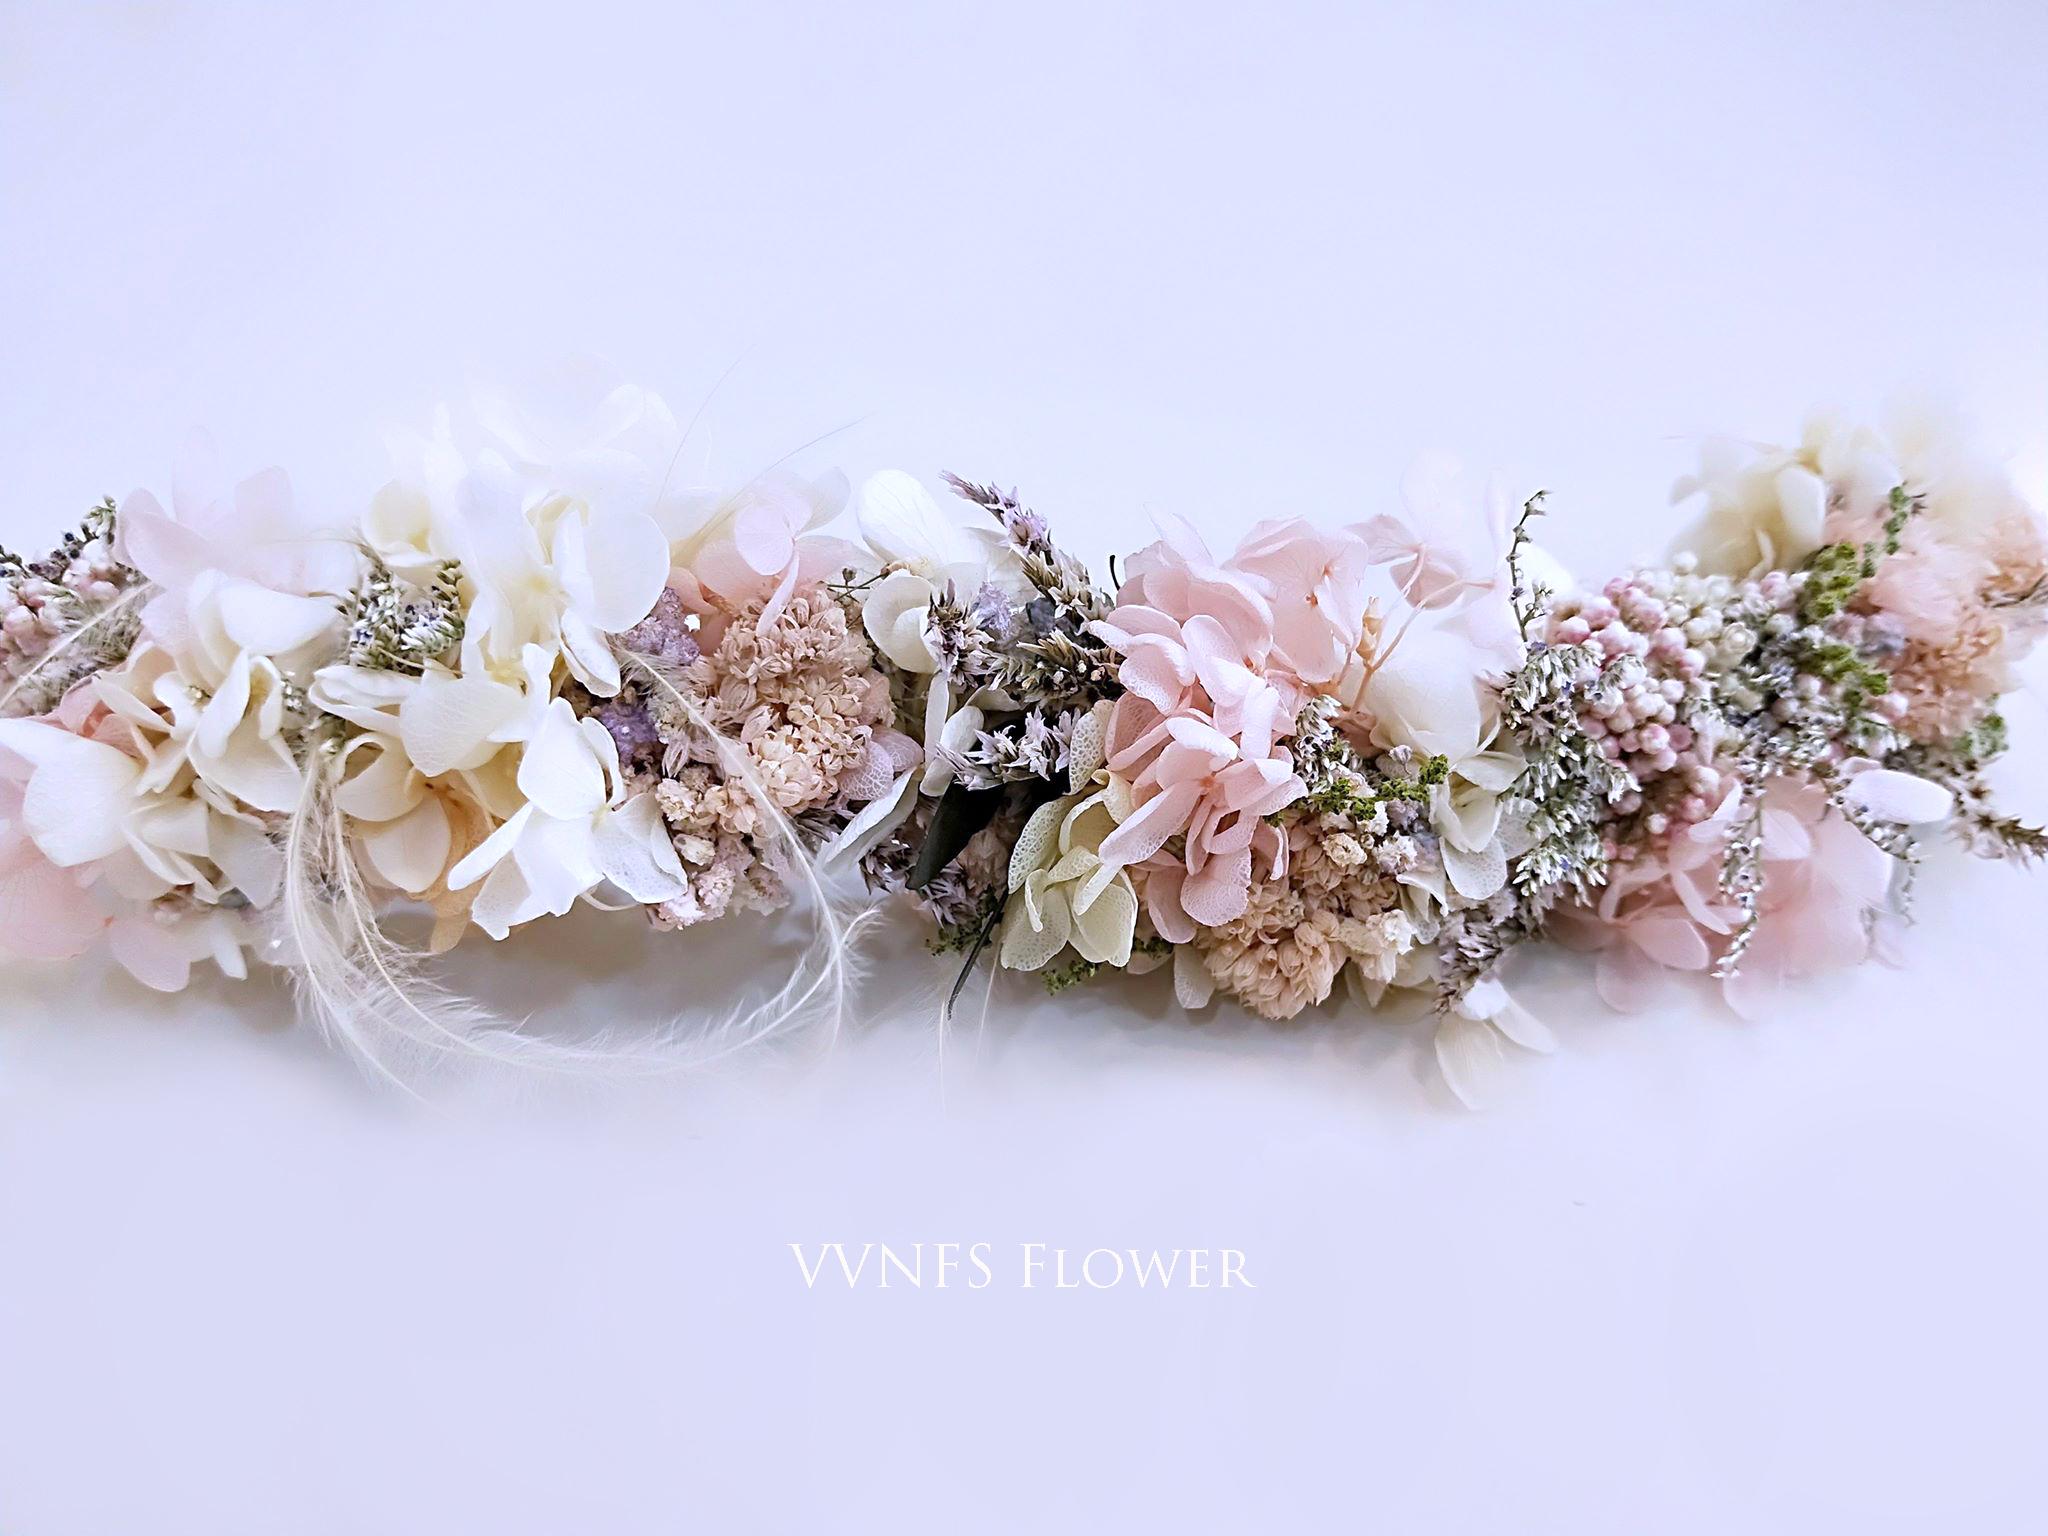 VVNFS Flower 7